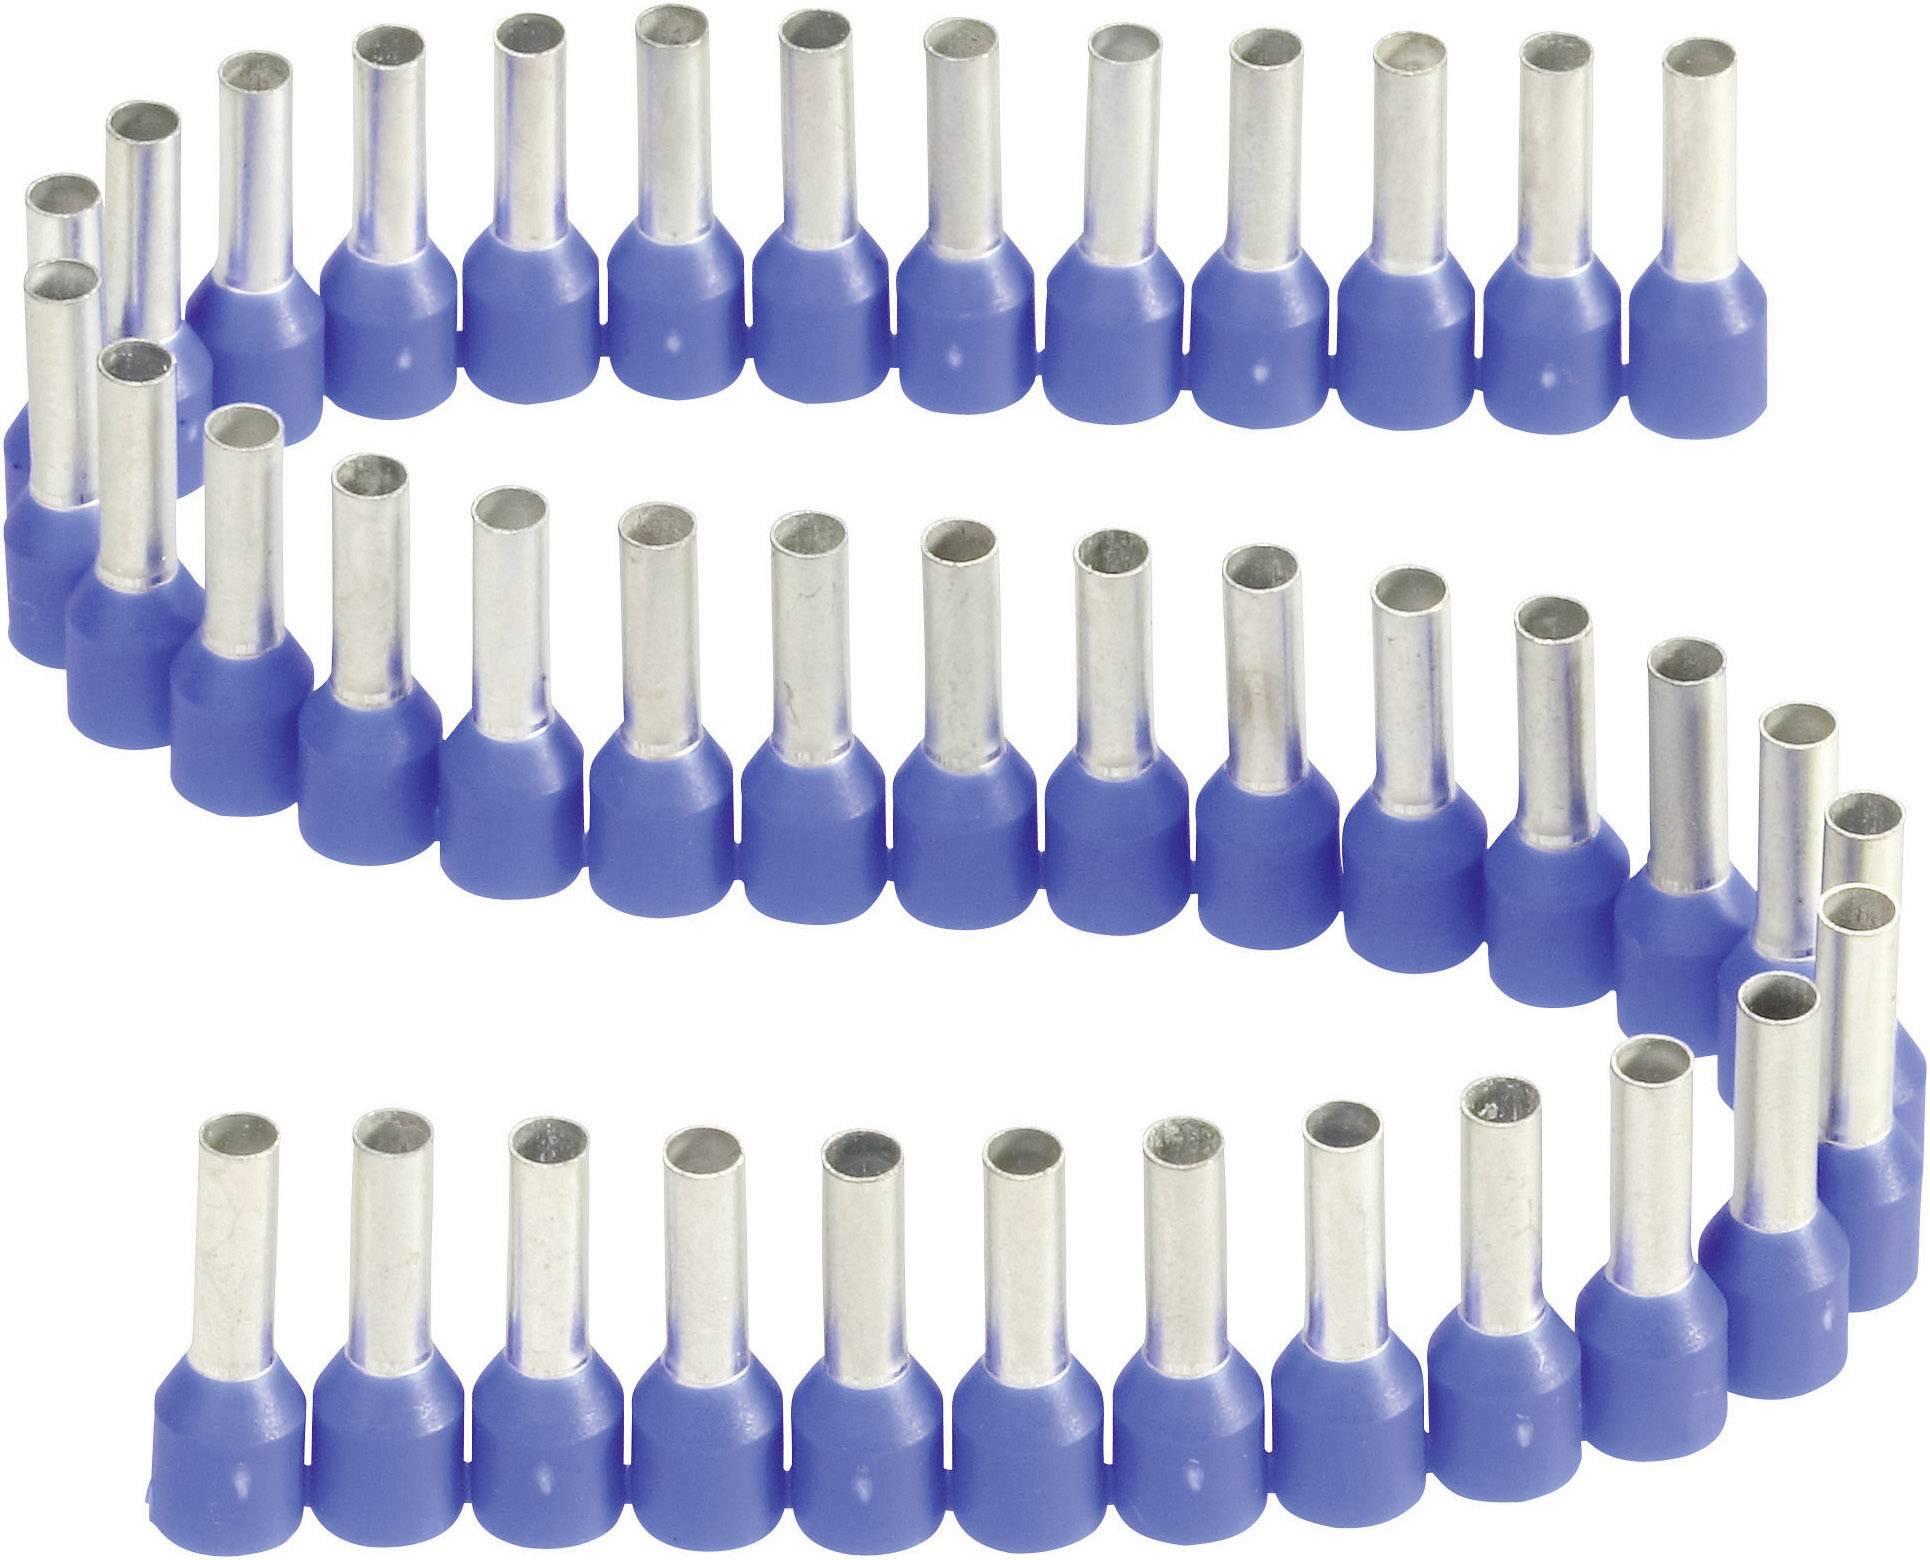 Dutinka Vogt Verbindungstechnik 460508.00050, spojovací materiál , 2.50 mm², 8 mm, čiastočne izolované, modrá, 1 ks